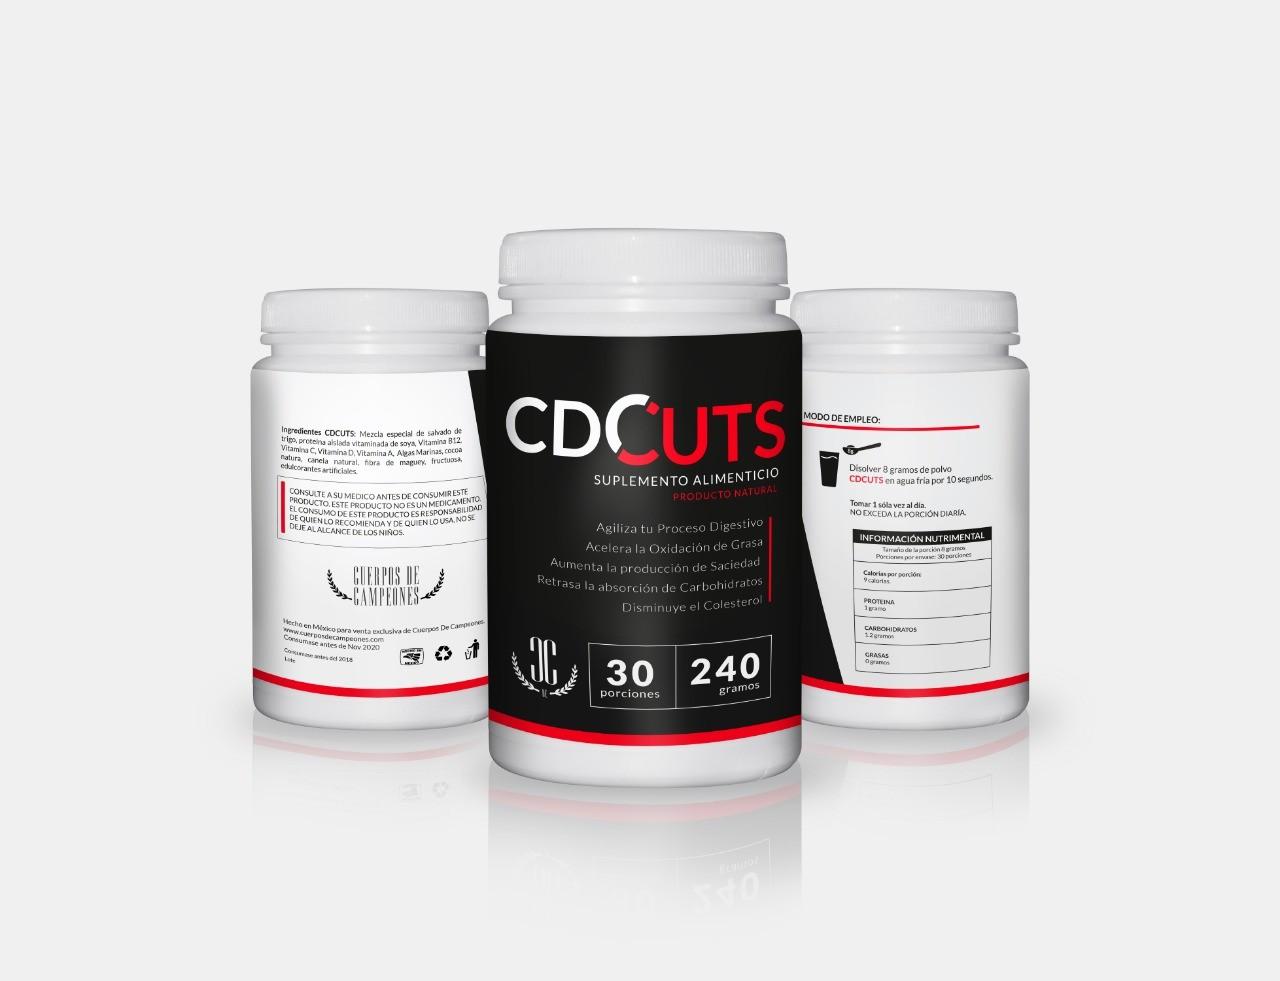 CDCUTS